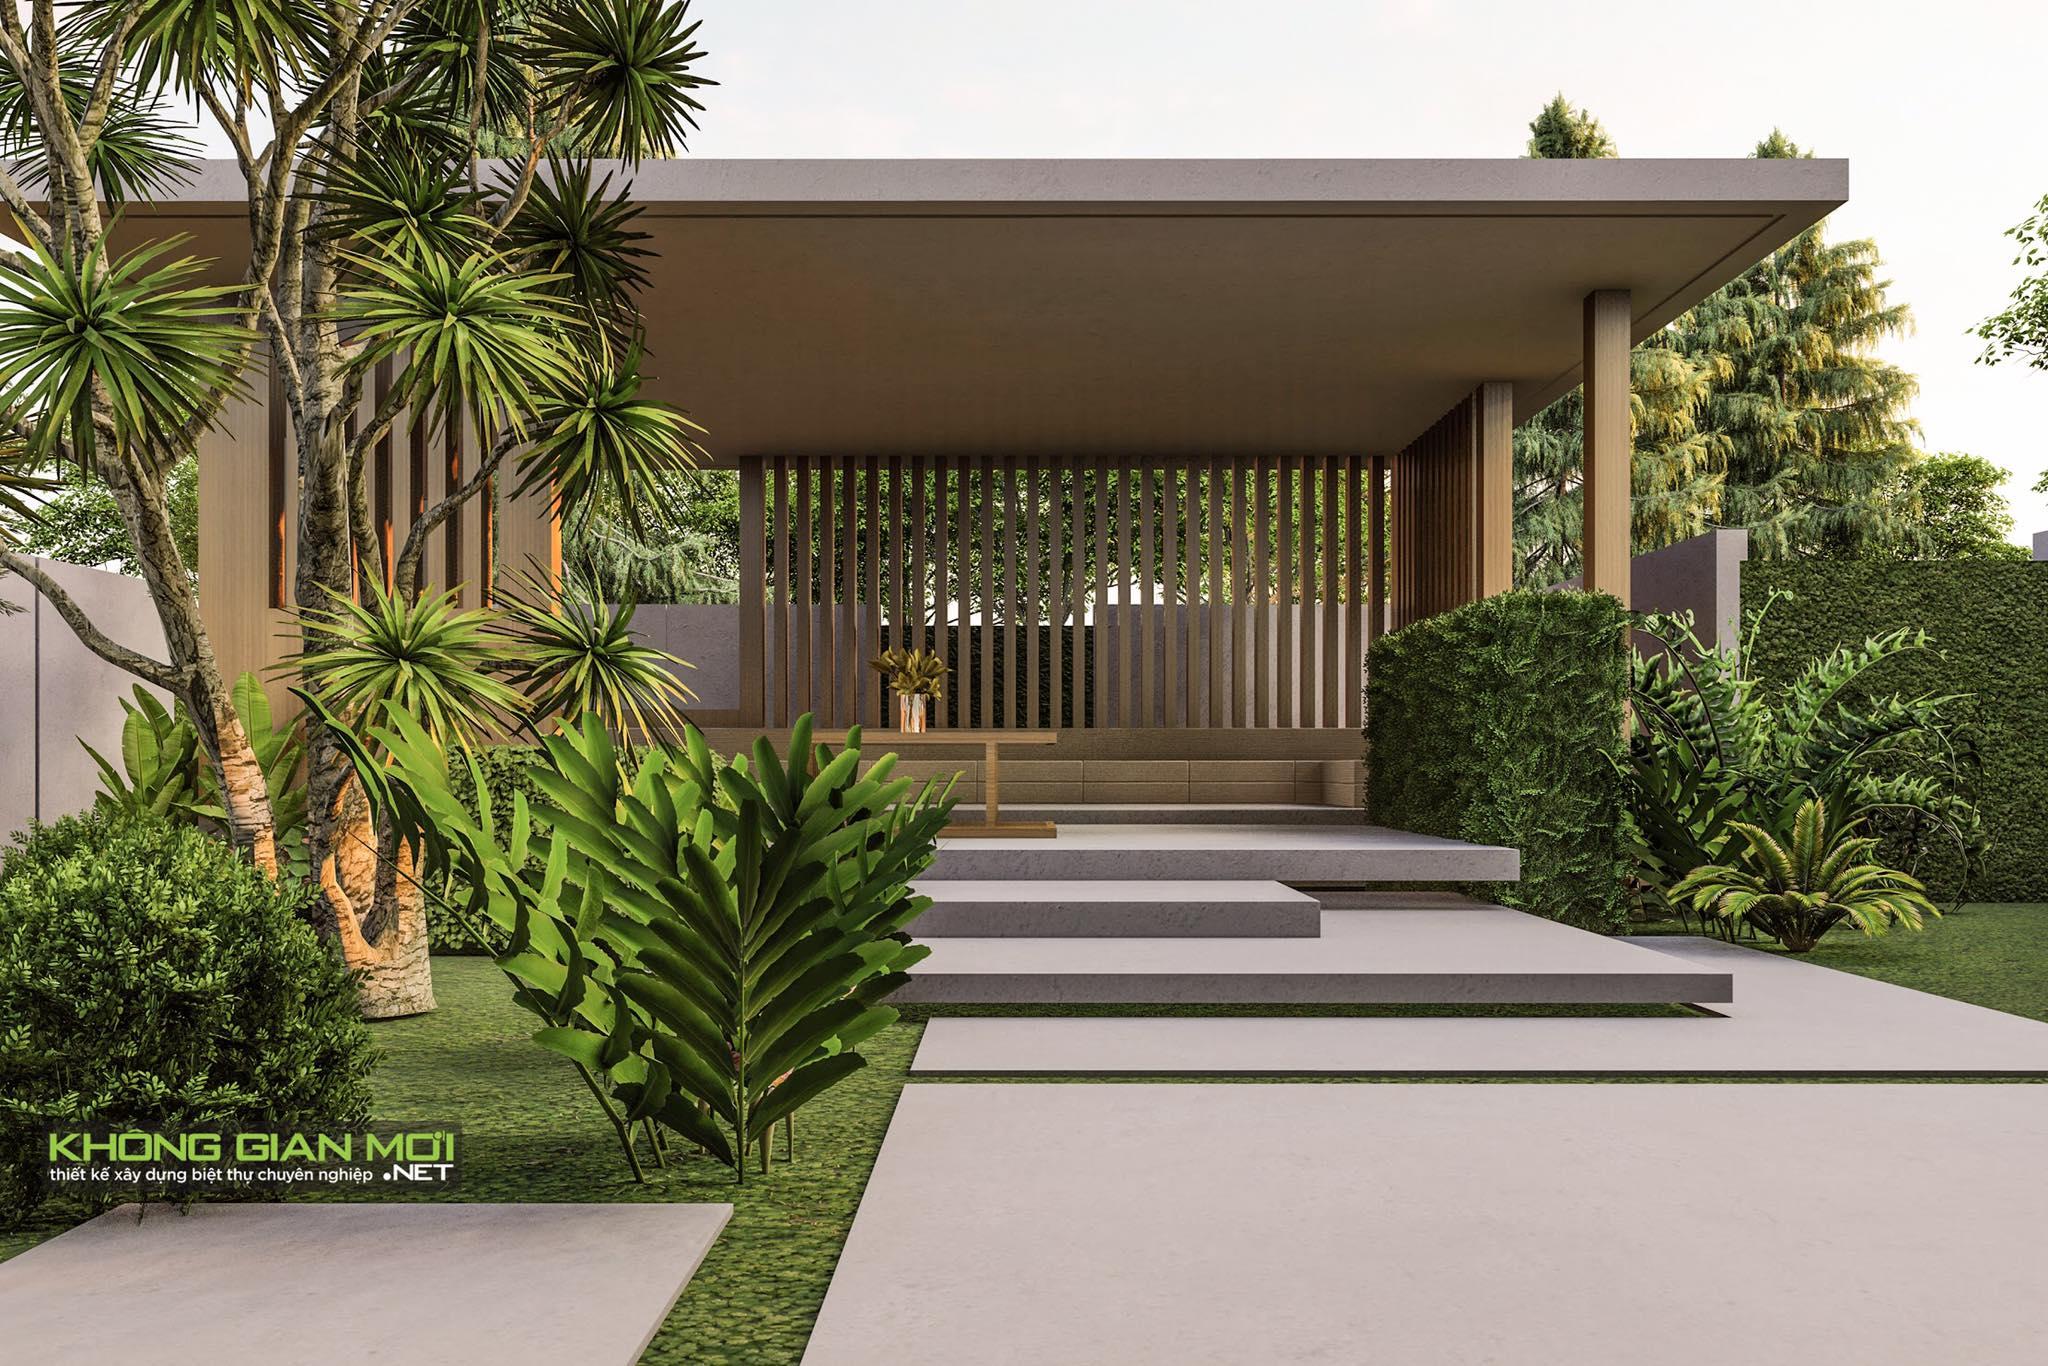 thiết kế Biệt Thự 2 tầng tại Tiền Giang KGM THIẾT KẾ XÂY DỰNG BIỆT THỰ - TIỀN GIANG 4 1562642646